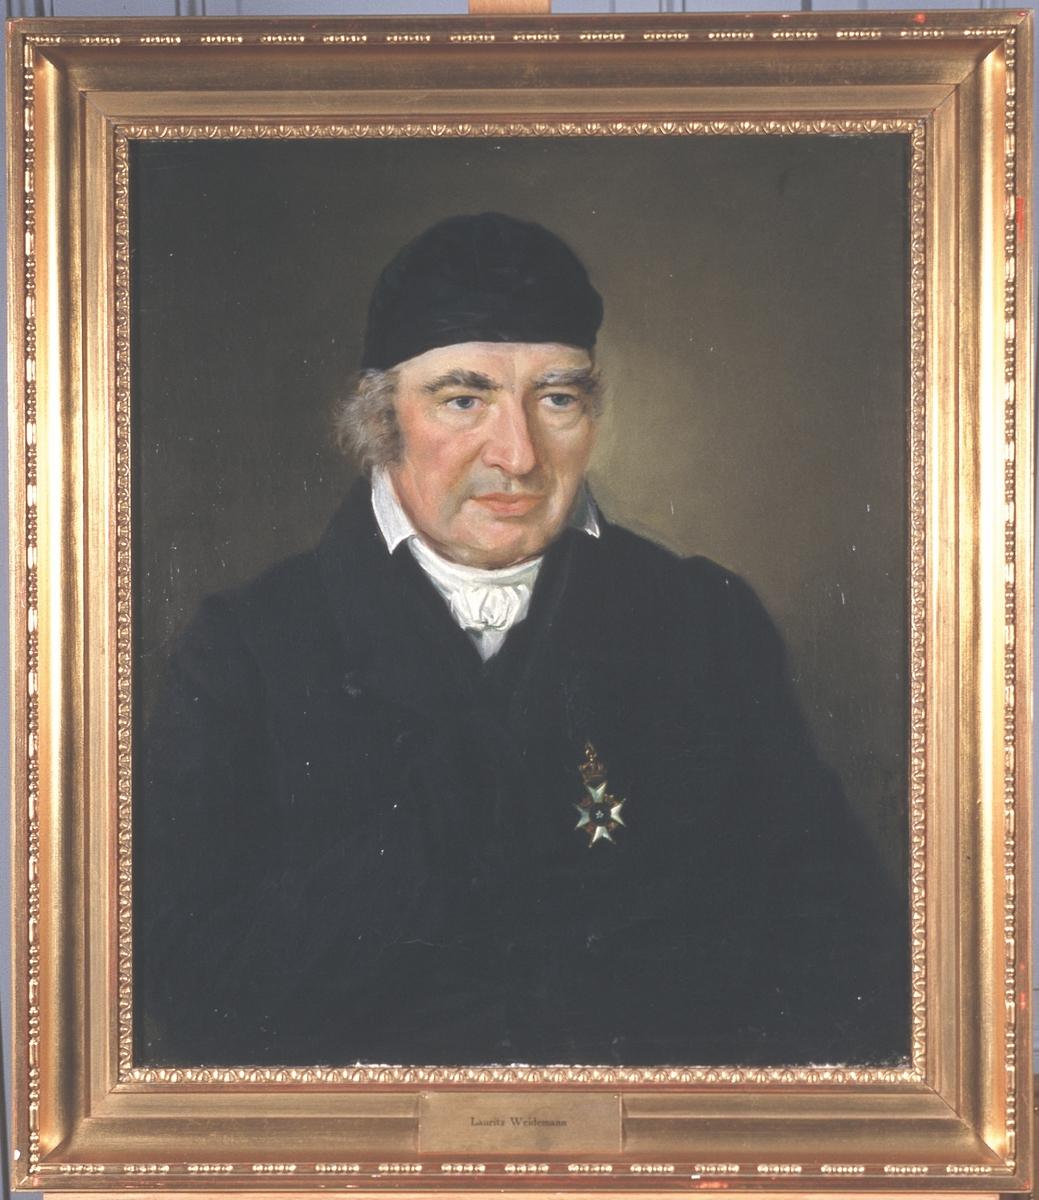 Portrett av Lauritz Weidemann. Mørk drakt, svart hodeplagg, kalott.. Orden (Nordstjerneordenen) på brystet.